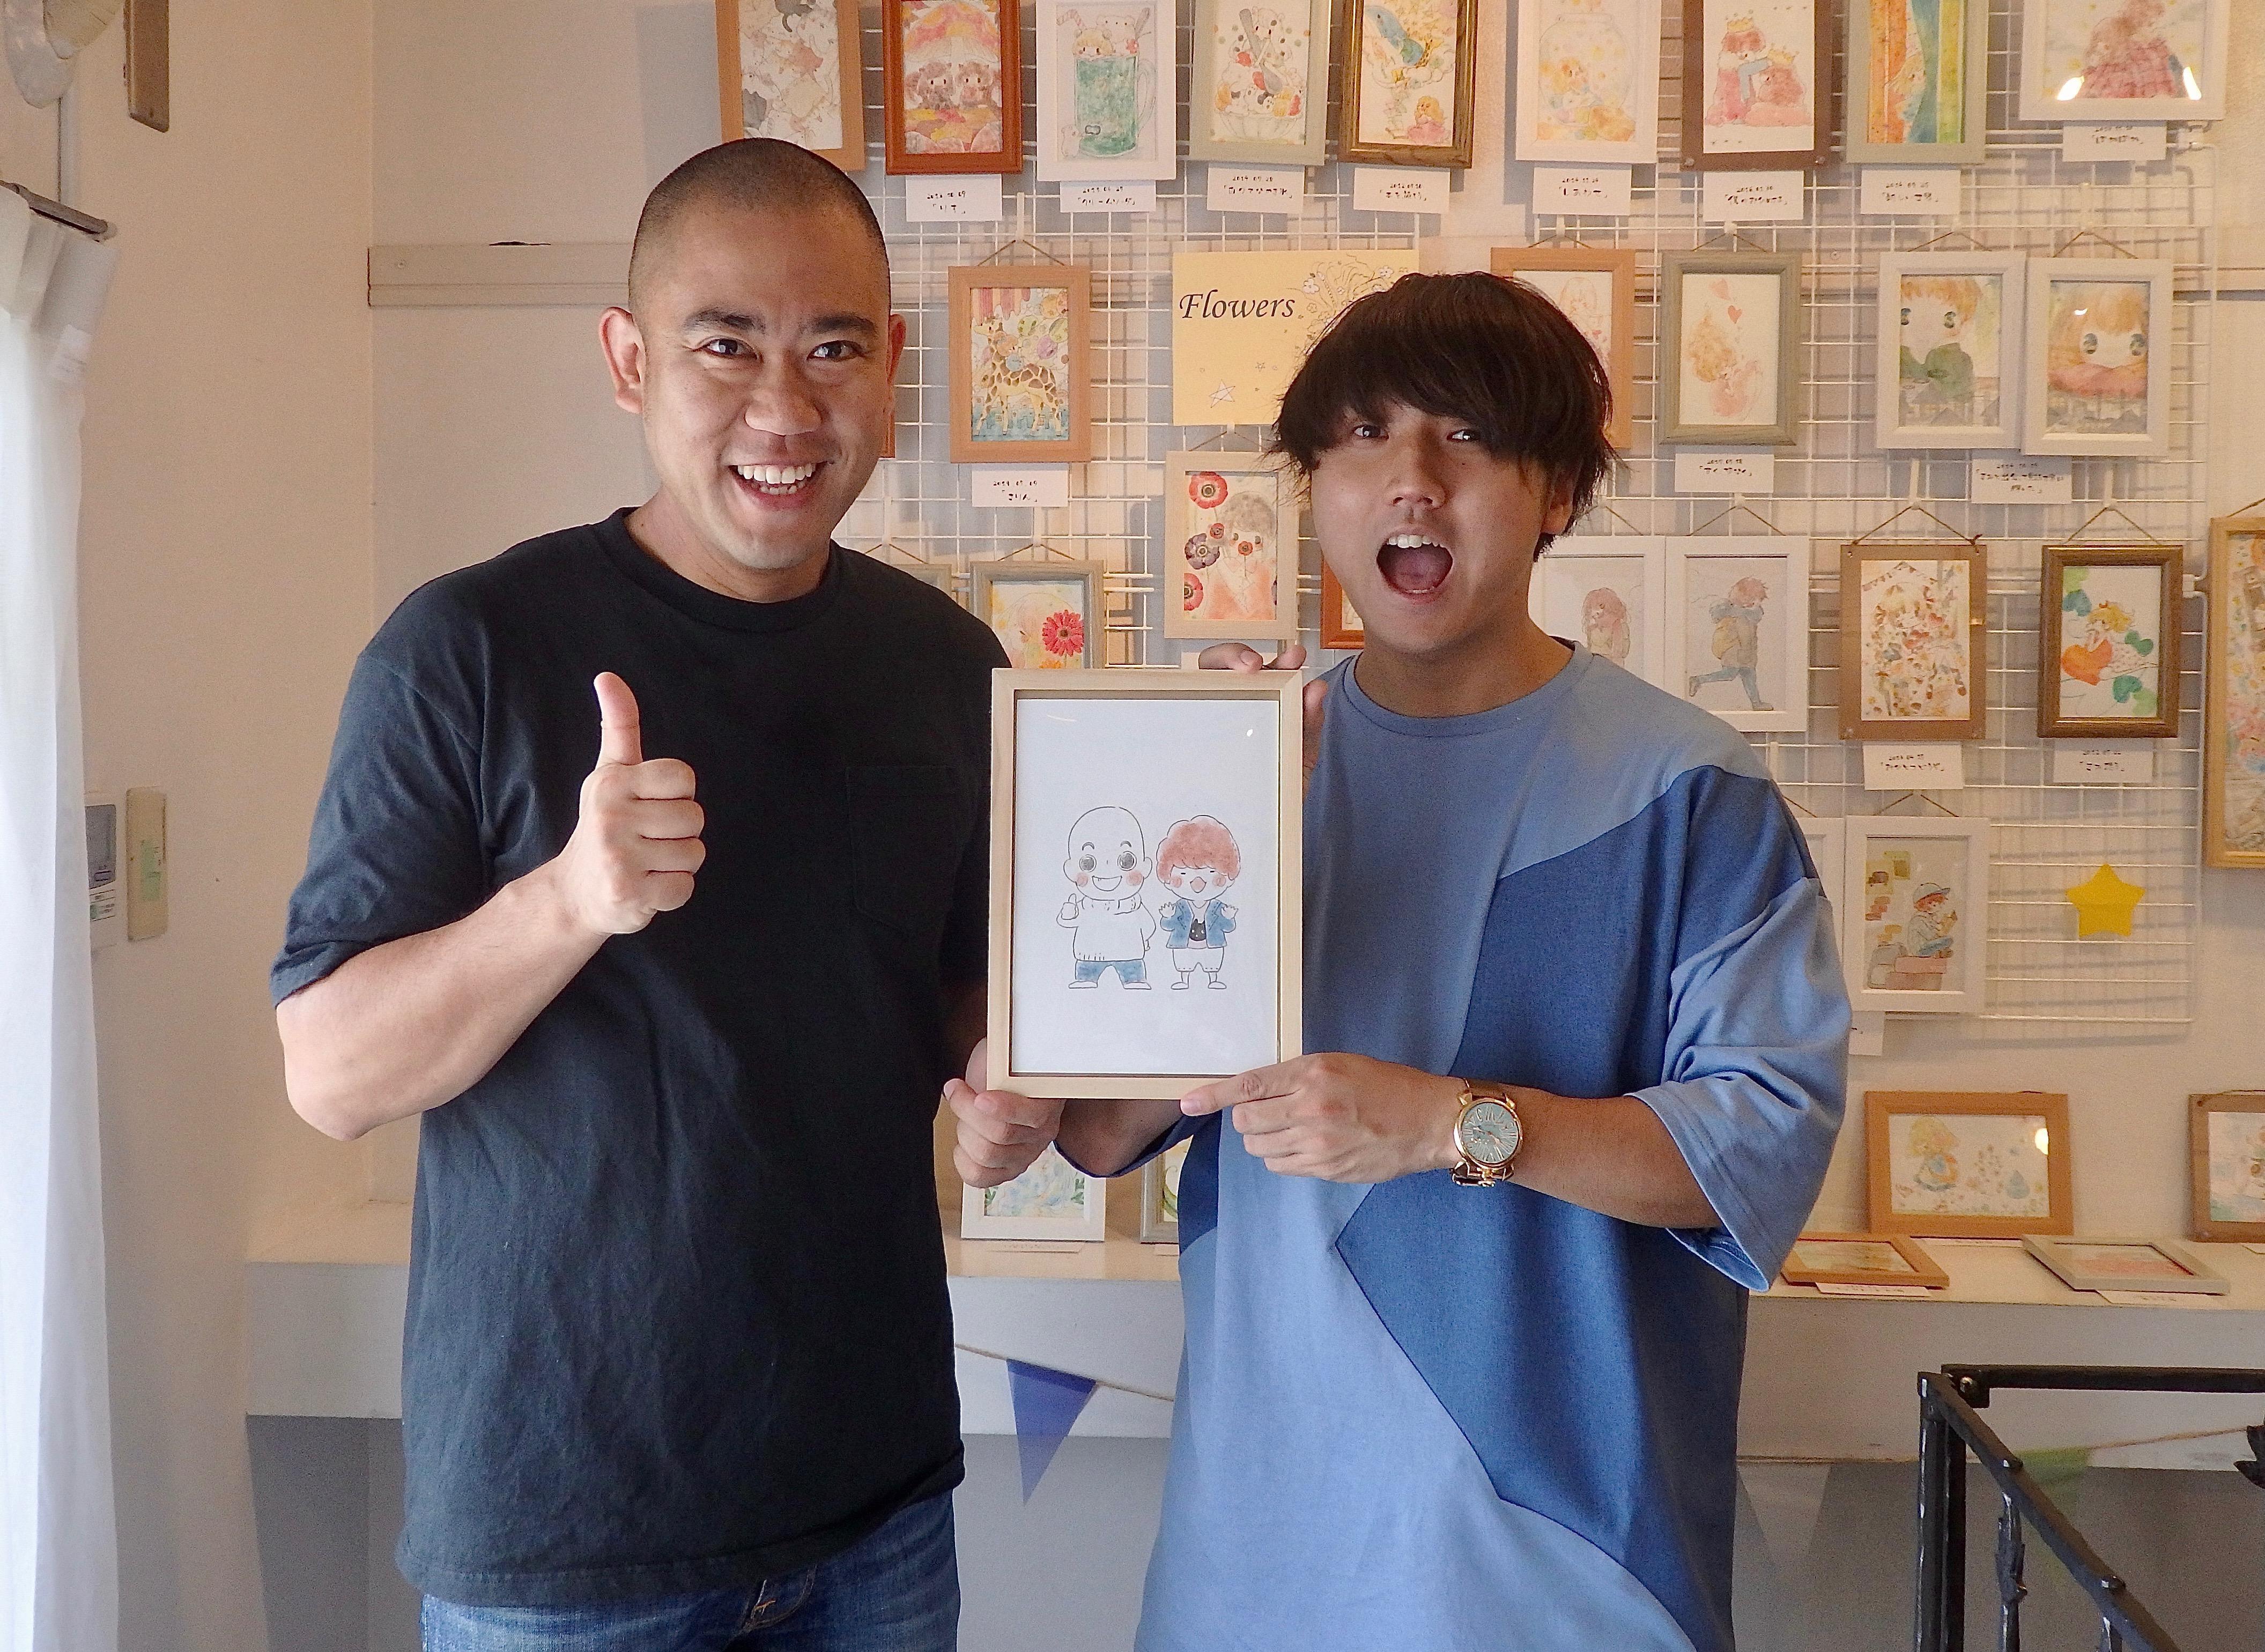 http://news.yoshimoto.co.jp/20170803182111-5740910d423046b1b02f439714d88860b9003dfe.jpg